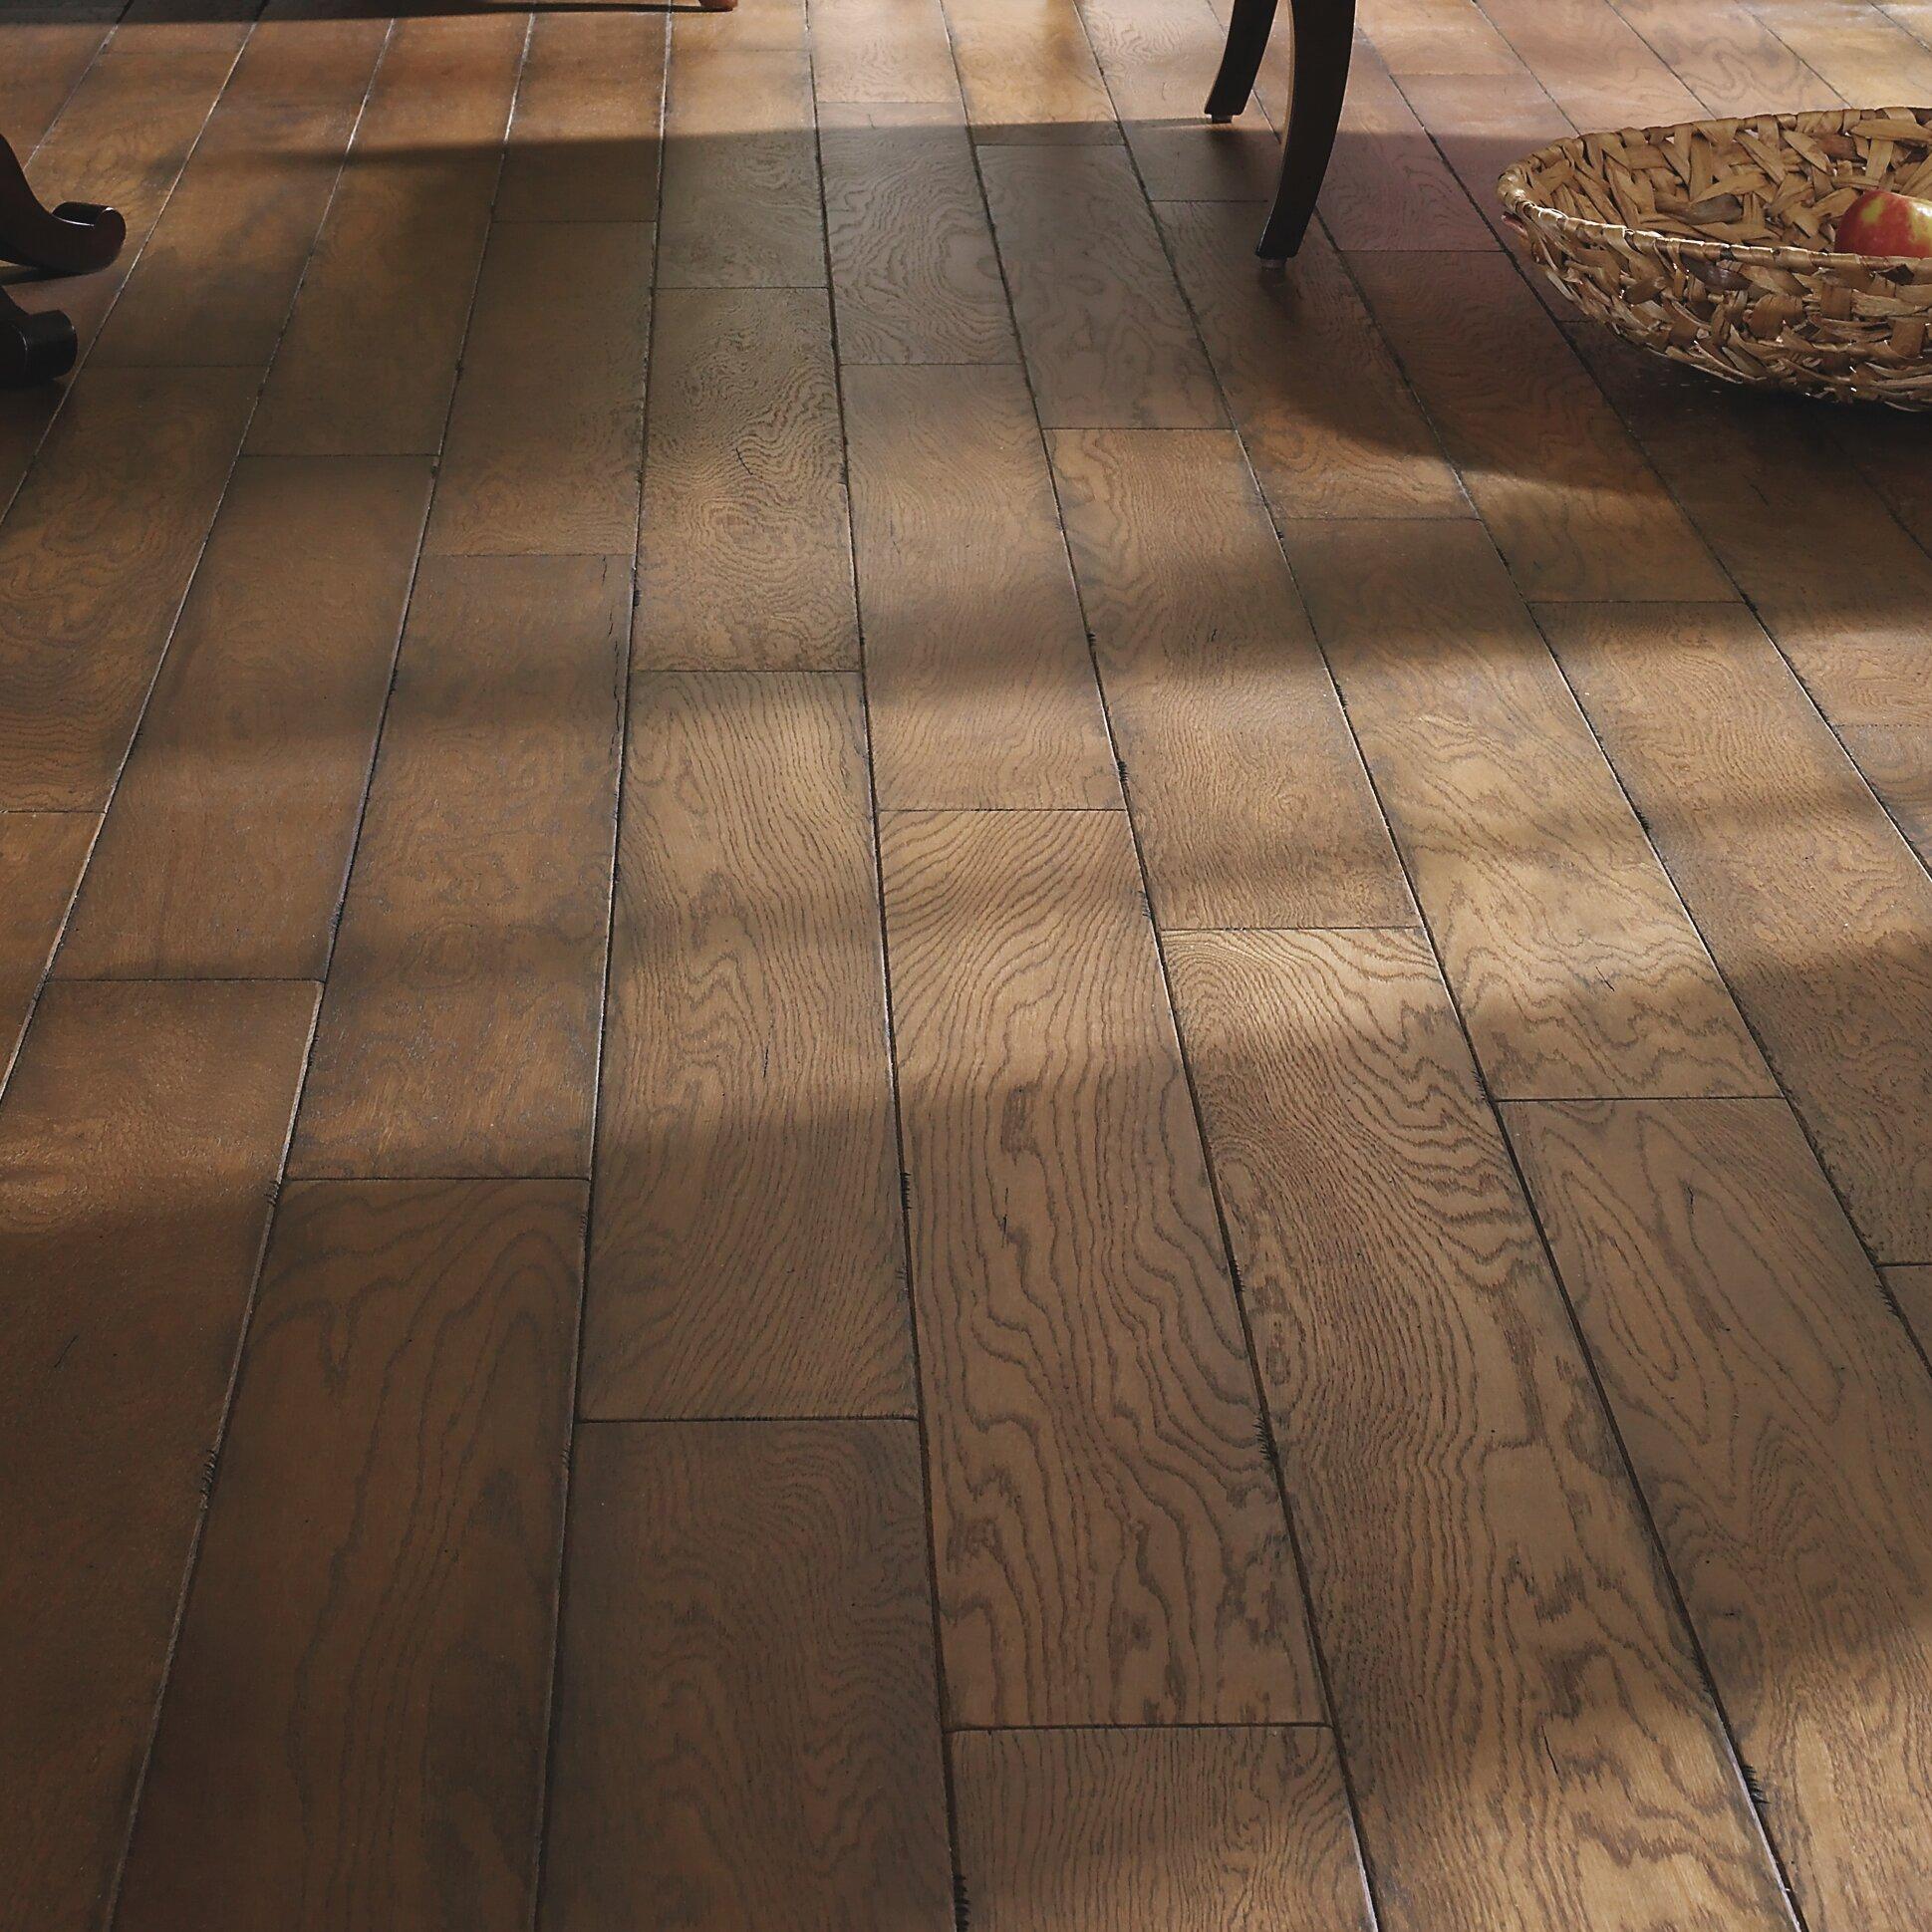 Easoon usa 5 engineered white oak hardwood flooring in for White oak flooring